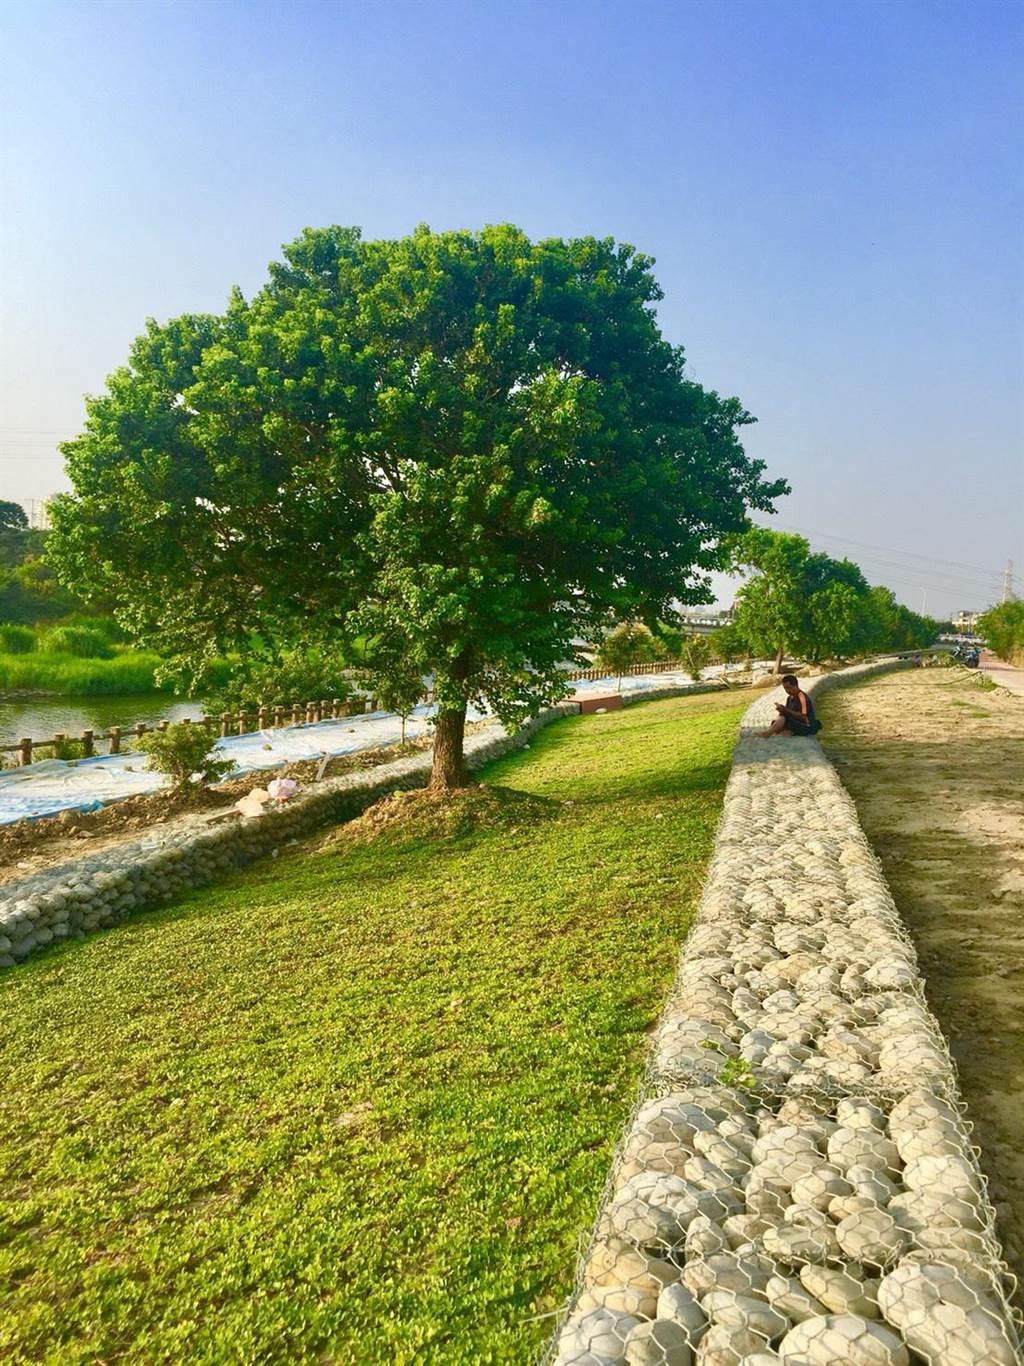 筏子溪迎賓水岸廊道,預期將成為台中市的旅遊休閒新地標。(盧金足翻攝)